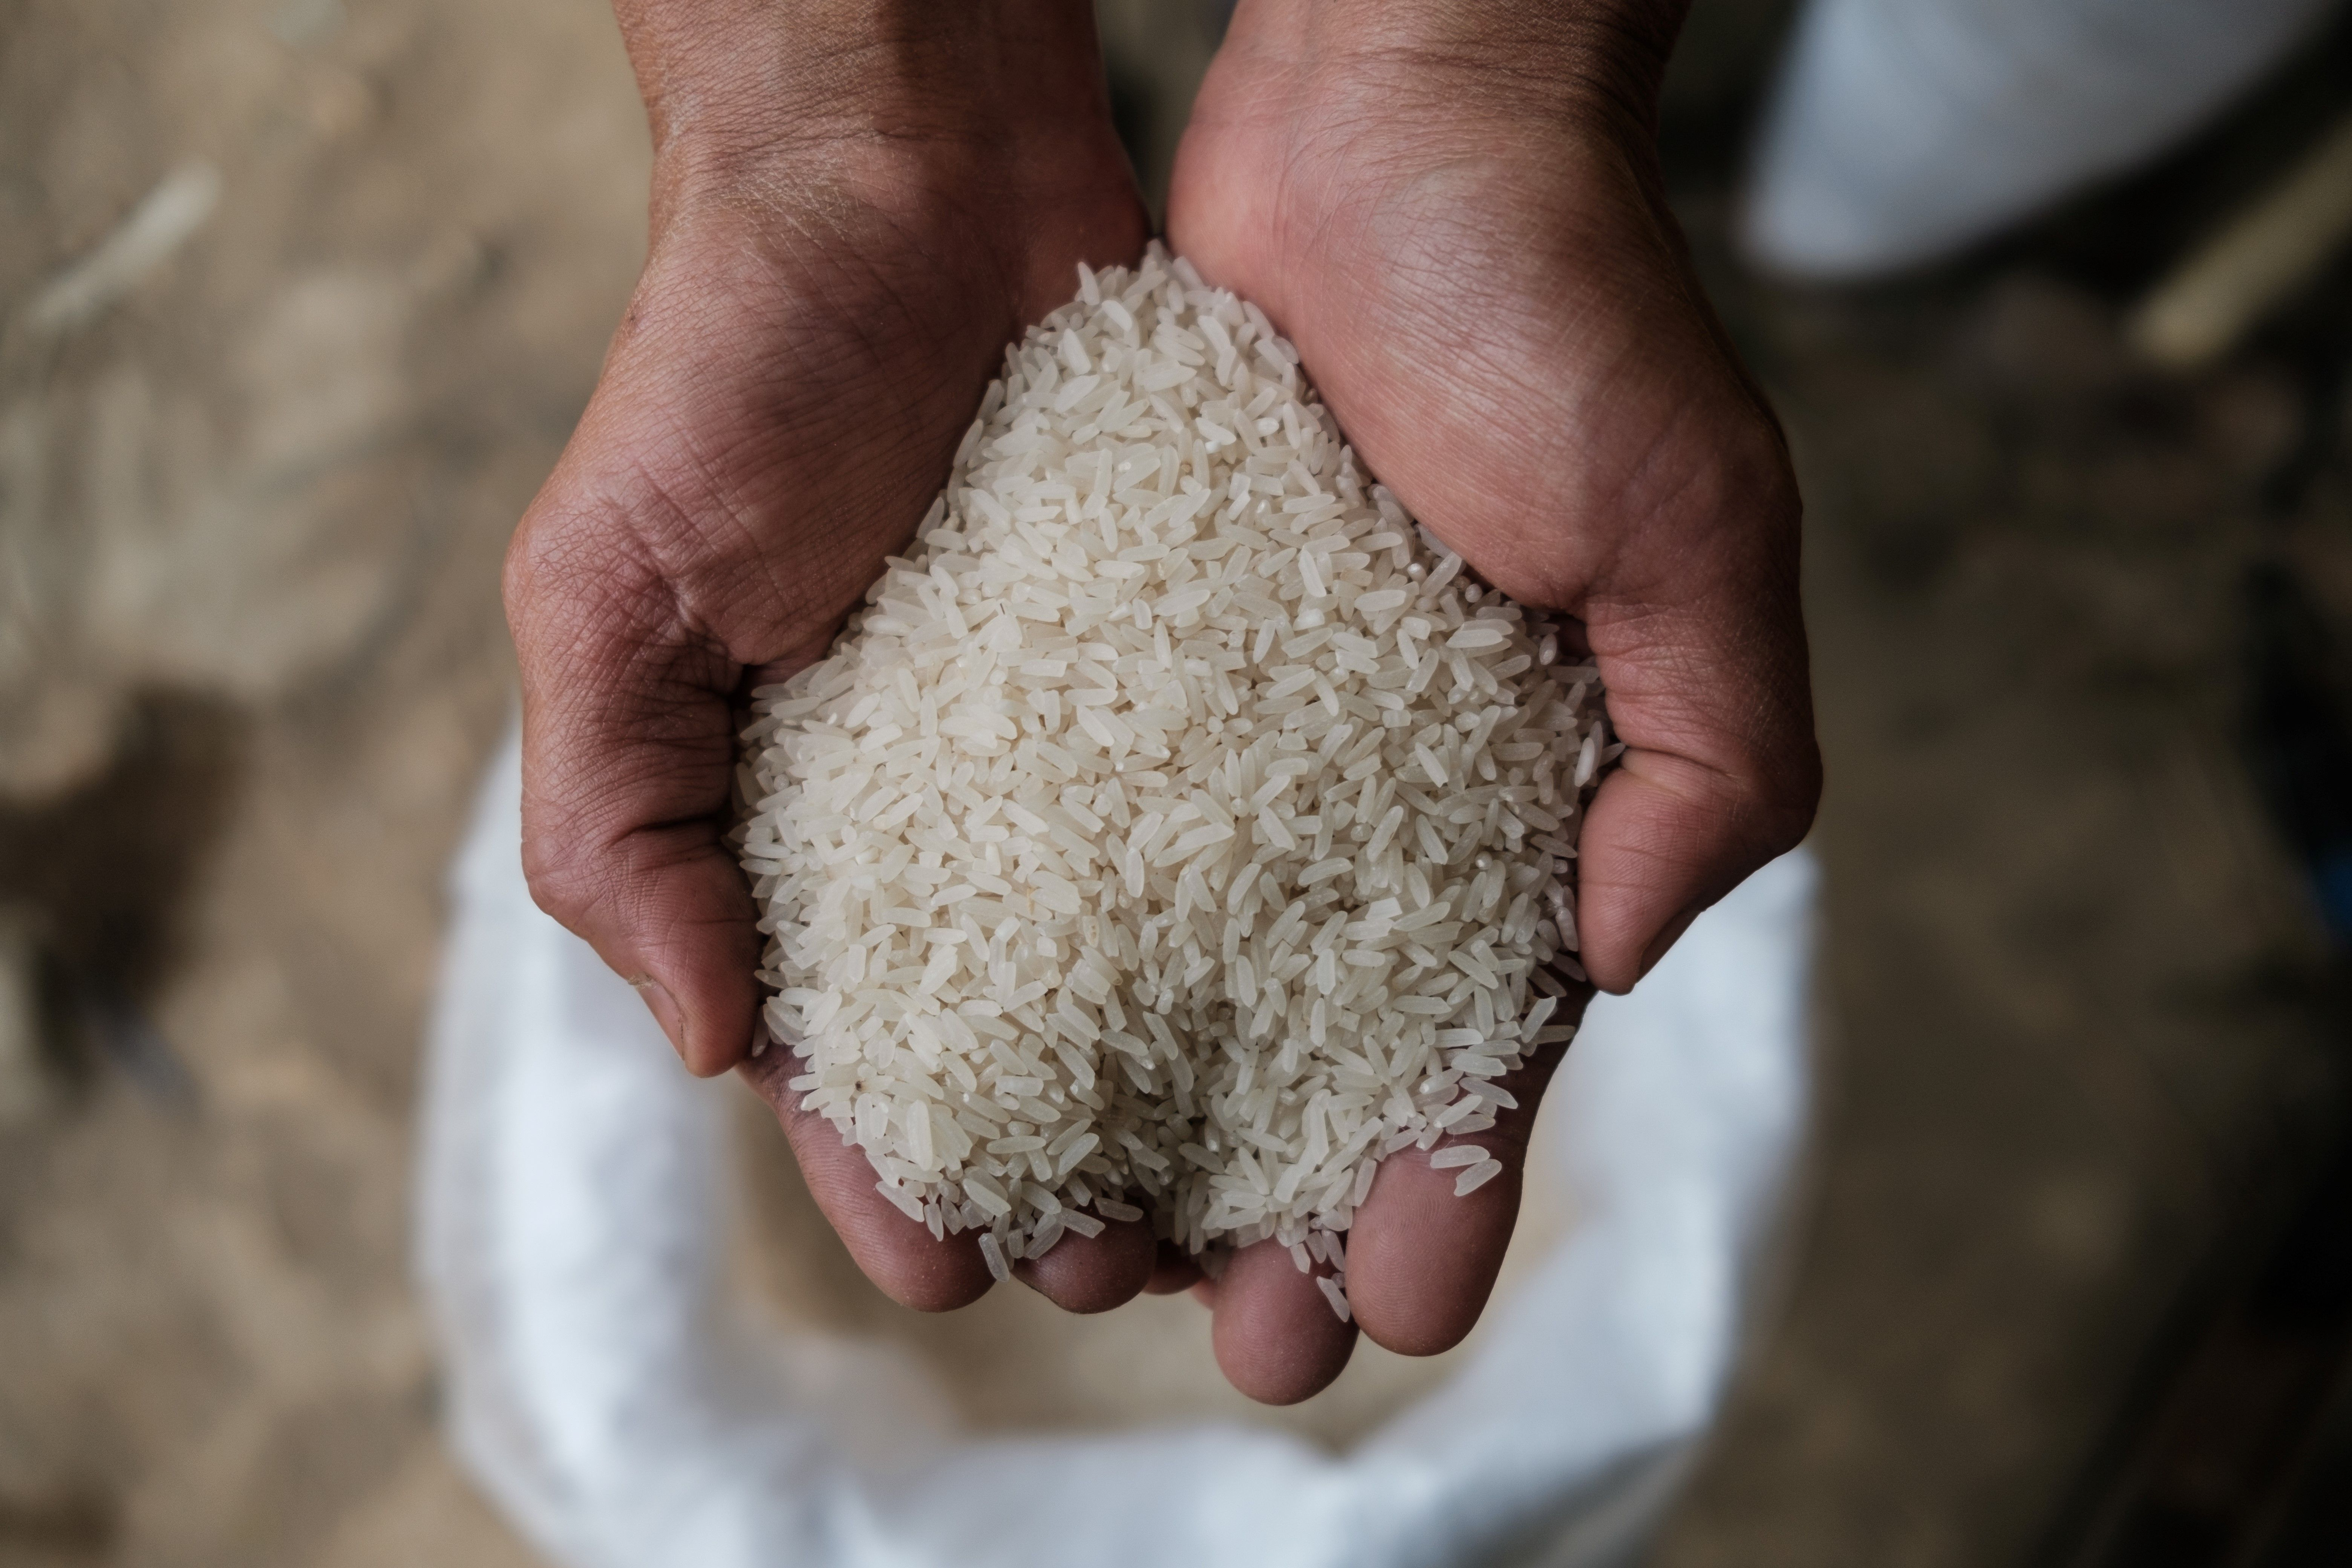 中共發佈制止耕地非農化通知 民眾再憂糧荒